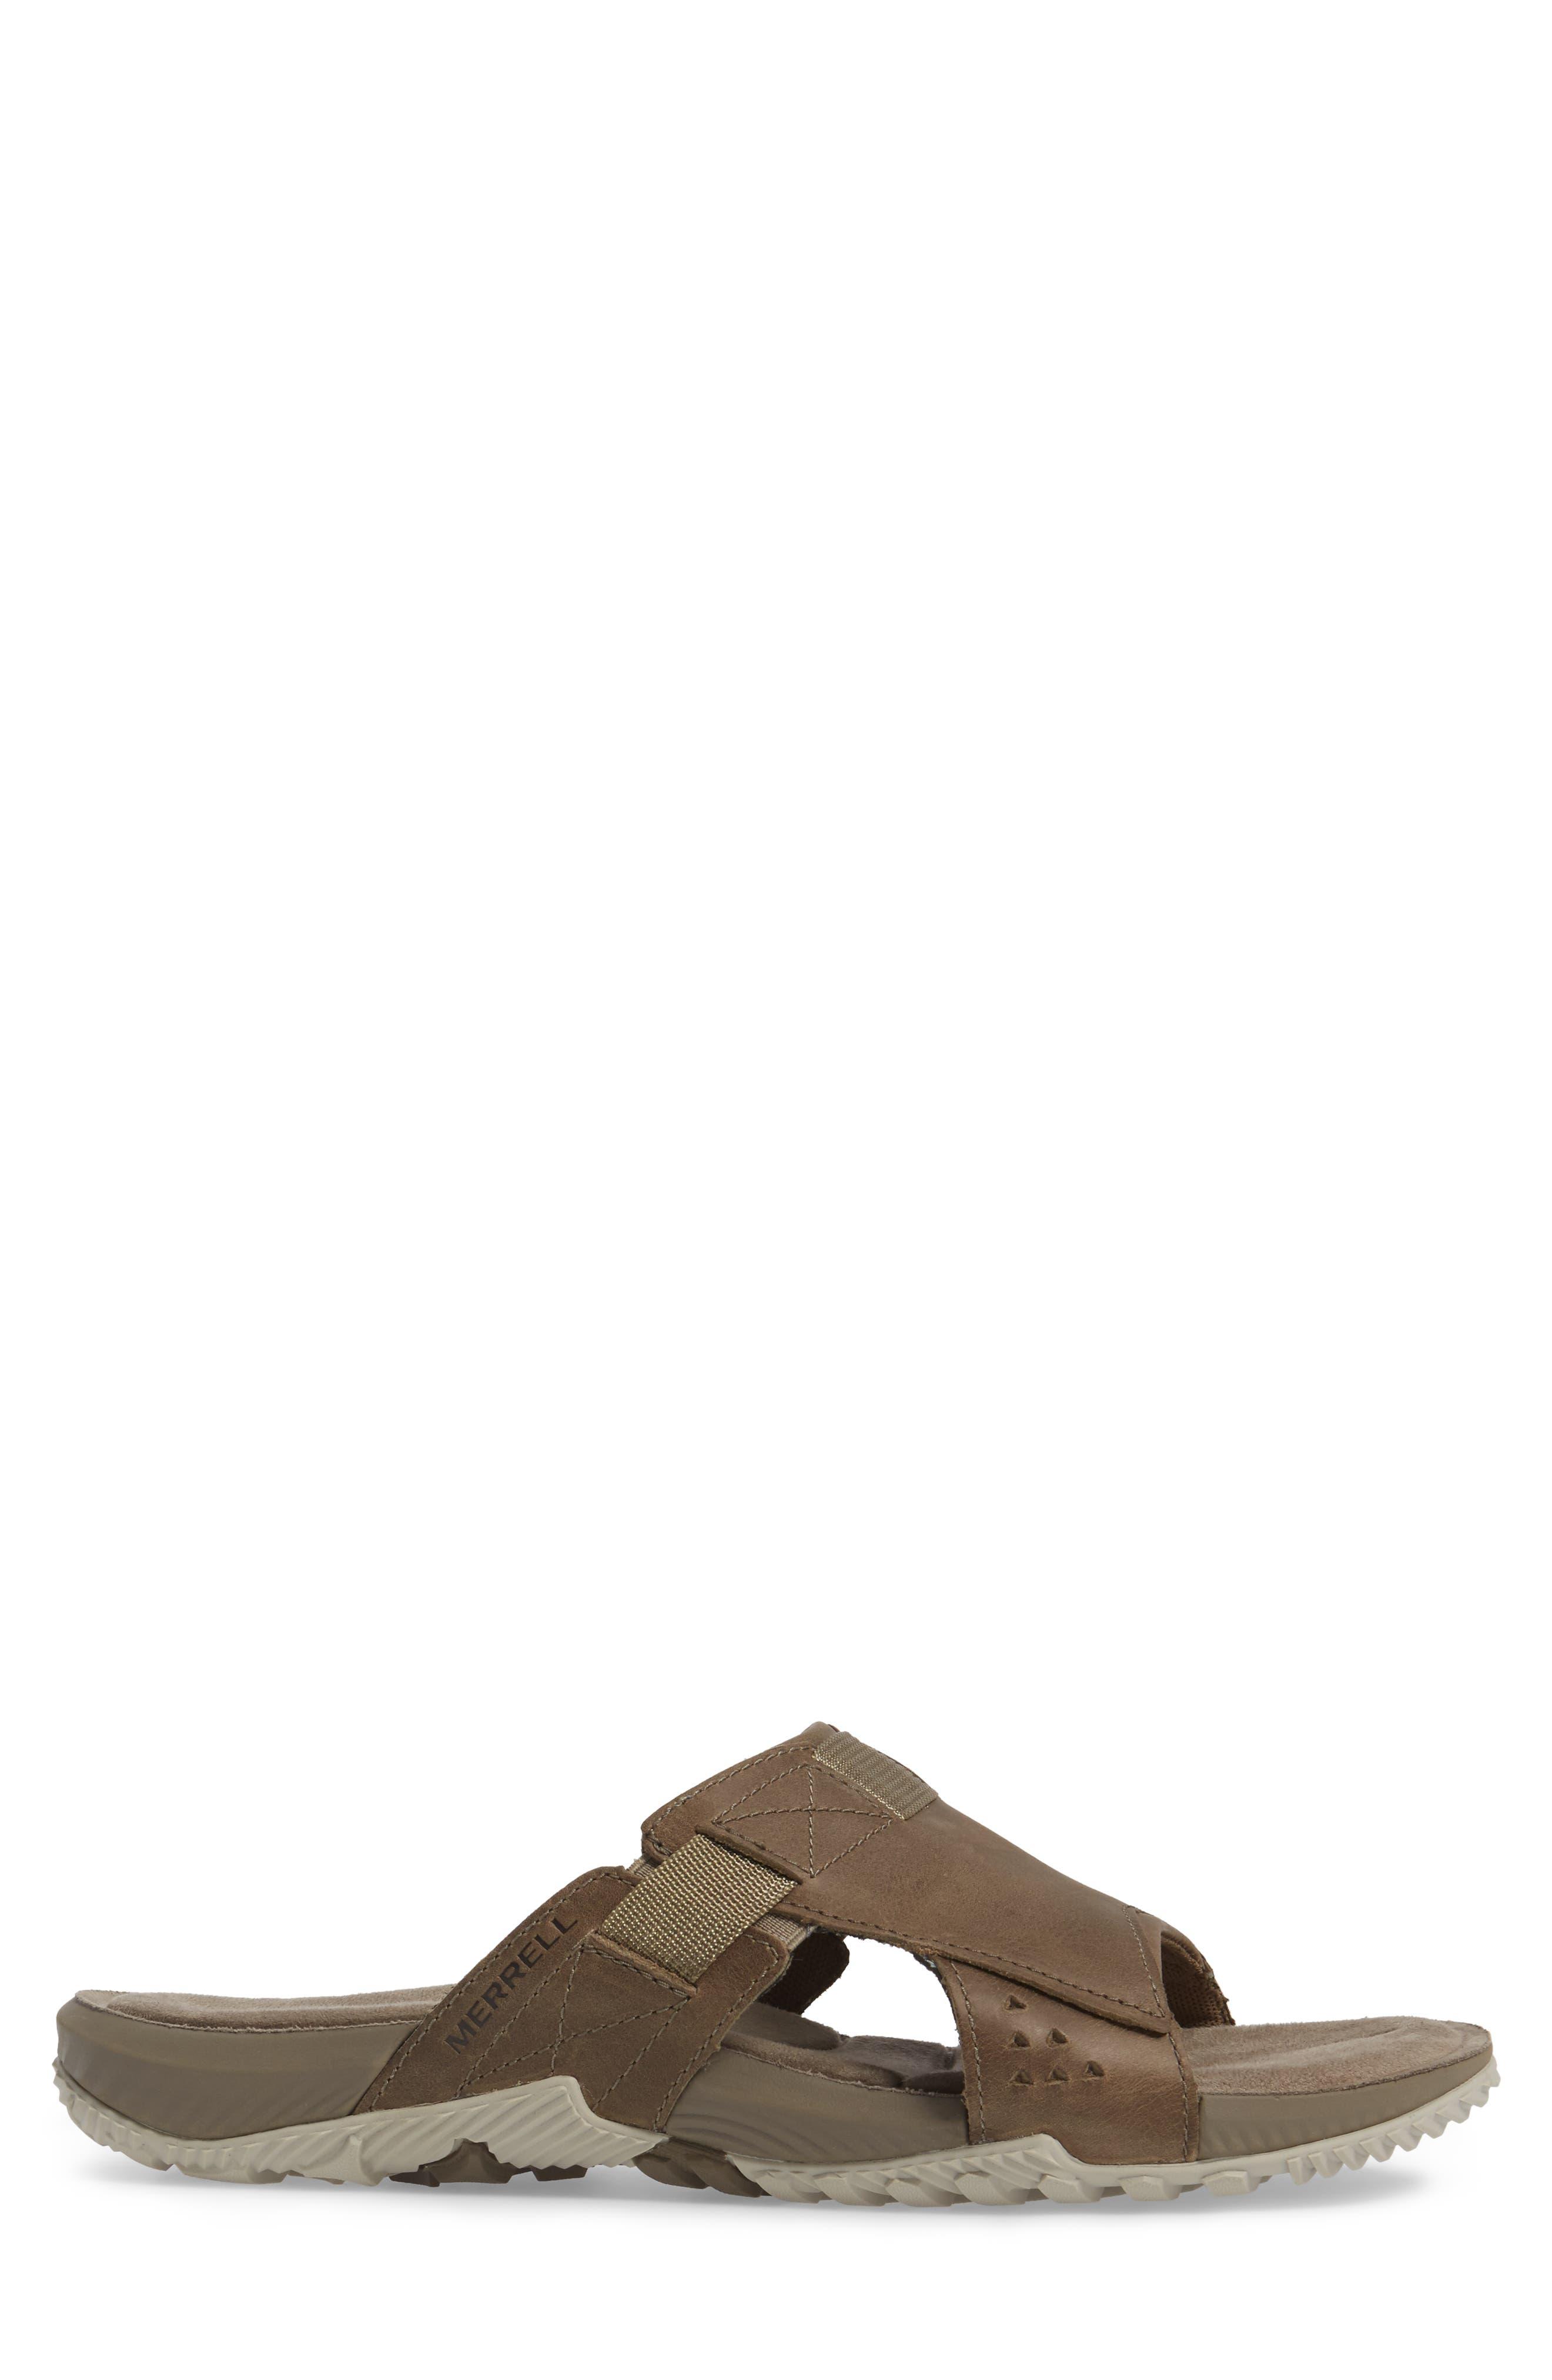 Terrant Slide Sandal,                             Alternate thumbnail 3, color,                             250